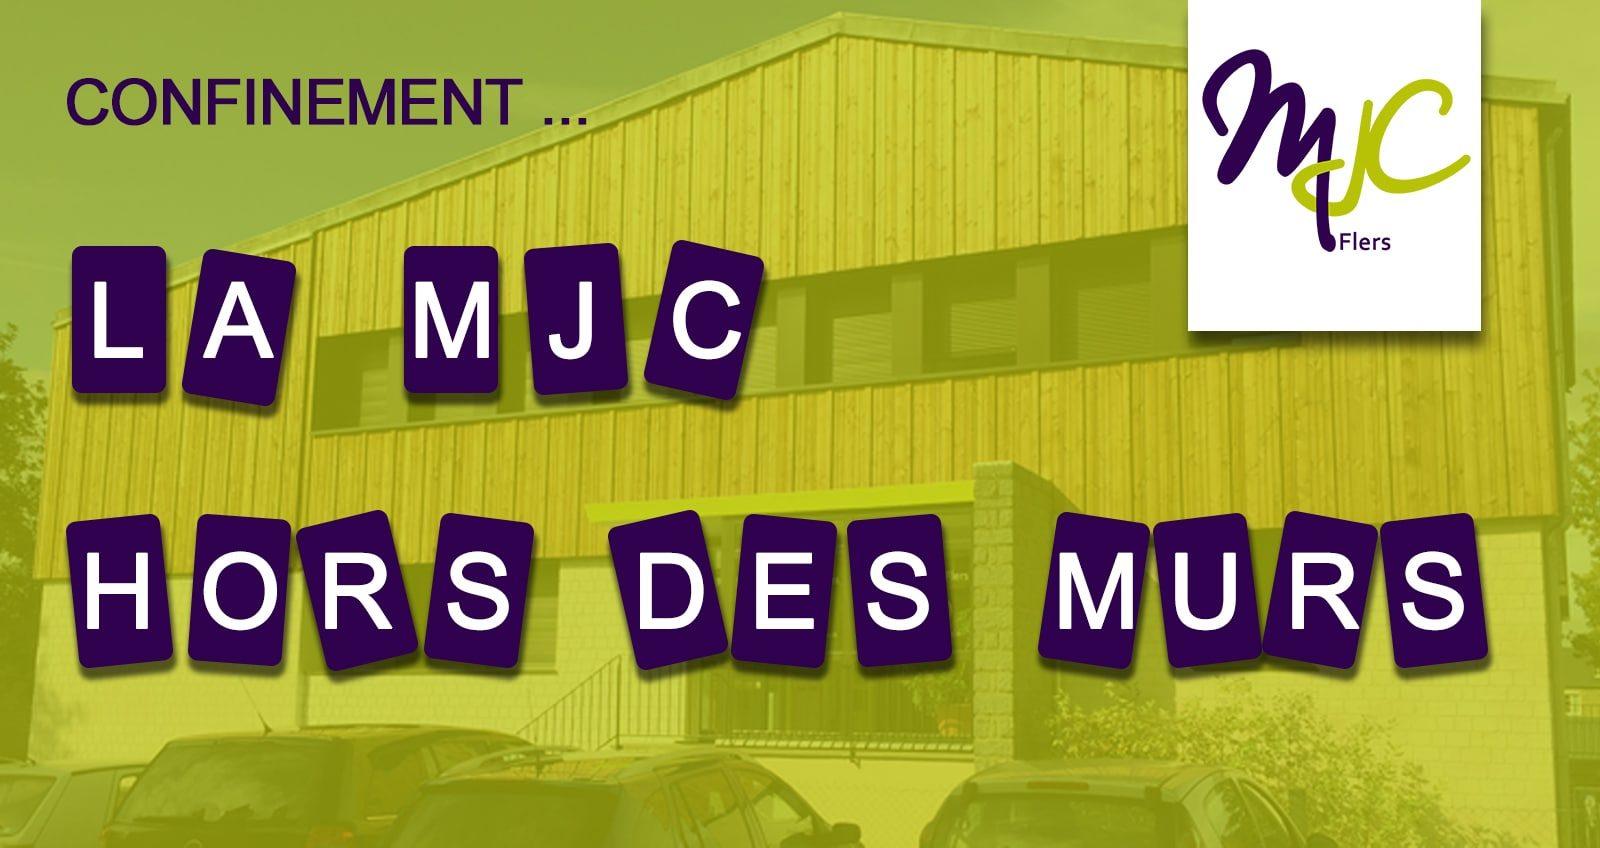 LA MJC HORS DES MURS